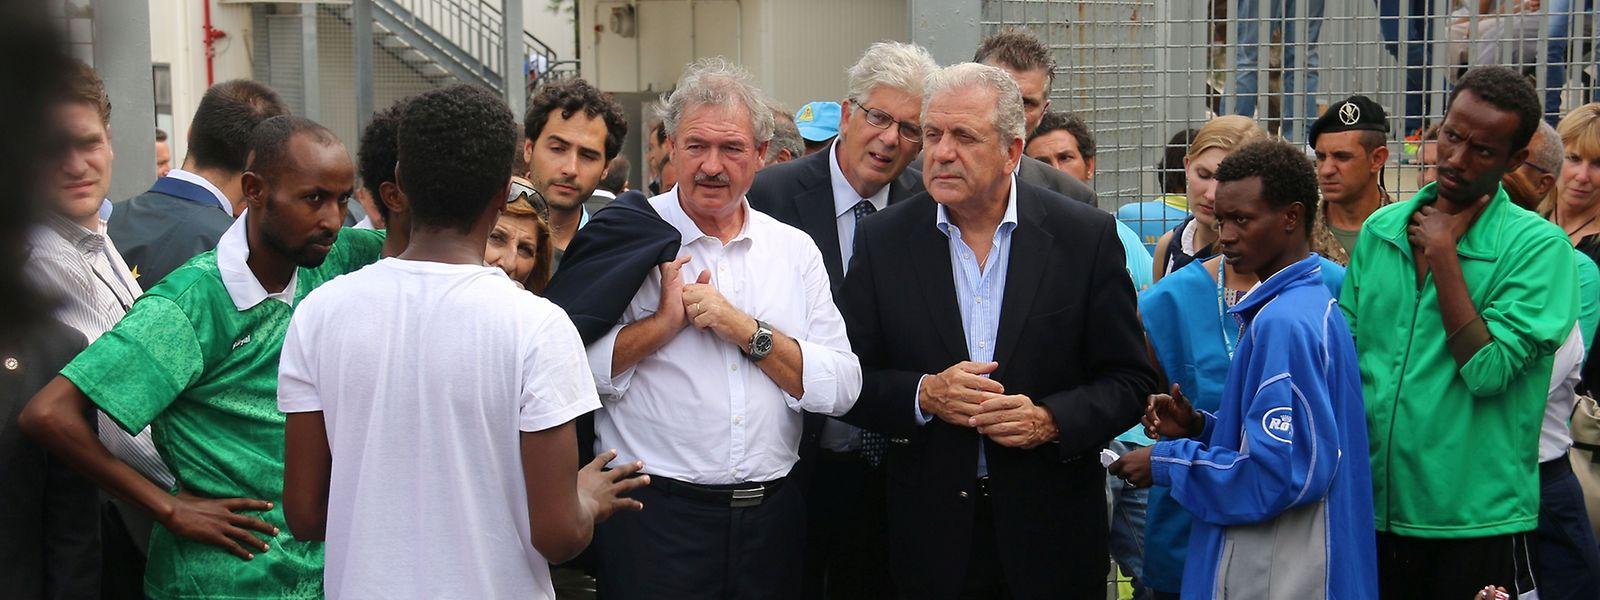 Jean Asselborn und EU-Kommissar Dimitris Avramopoulos besuchten Mitte Oktober einen Hotspot auf Lampedusa.